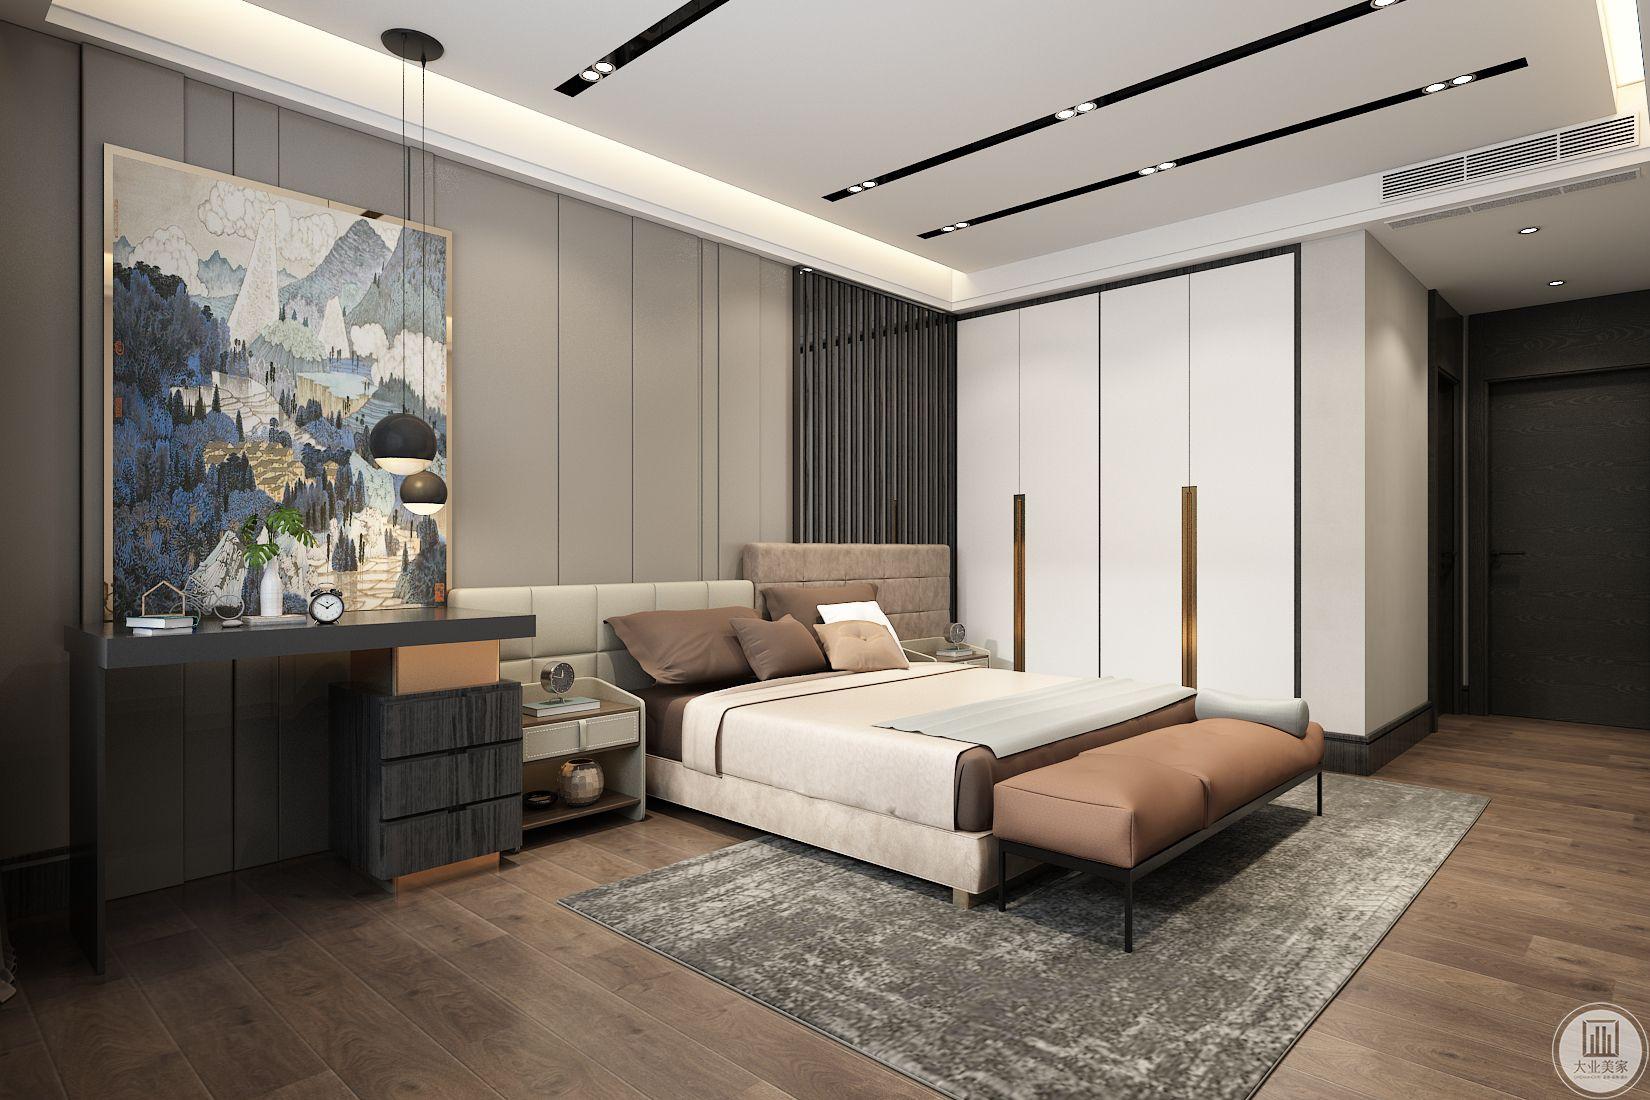 卧室装修效果图:从这里可以看到整个卧室的风格。